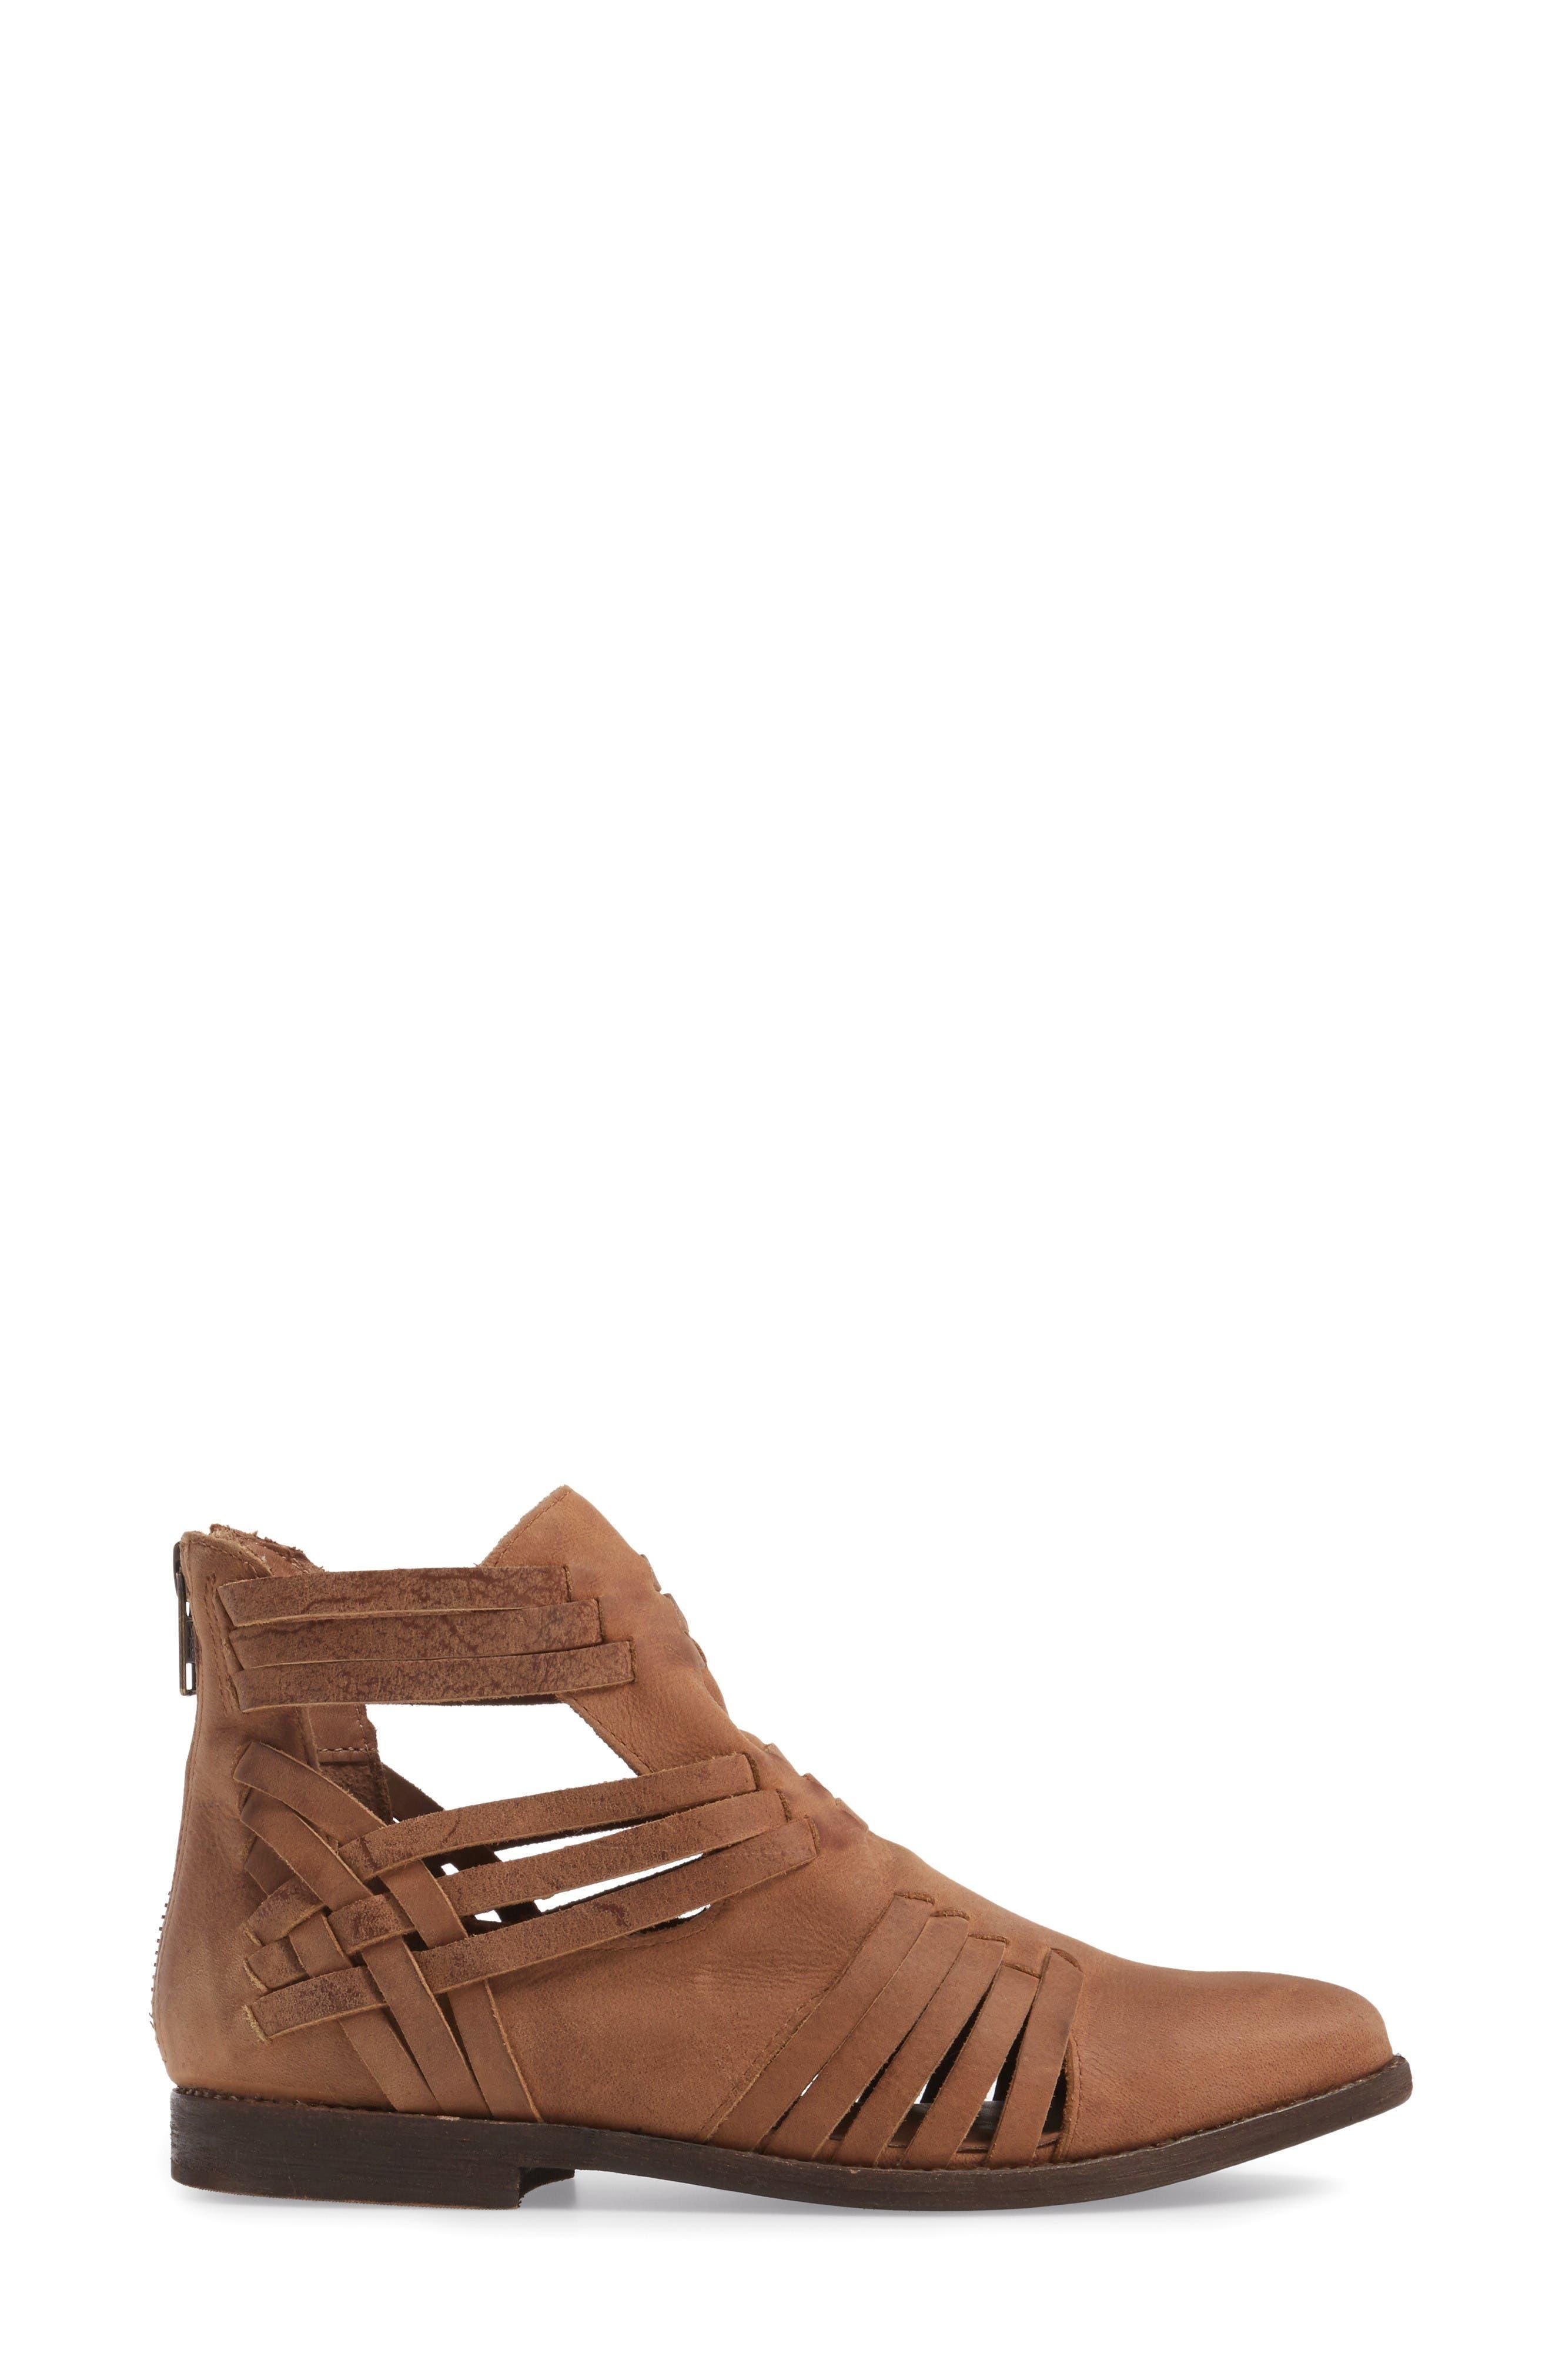 Fairuz Bootie,                             Alternate thumbnail 3, color,                             Tan Leather